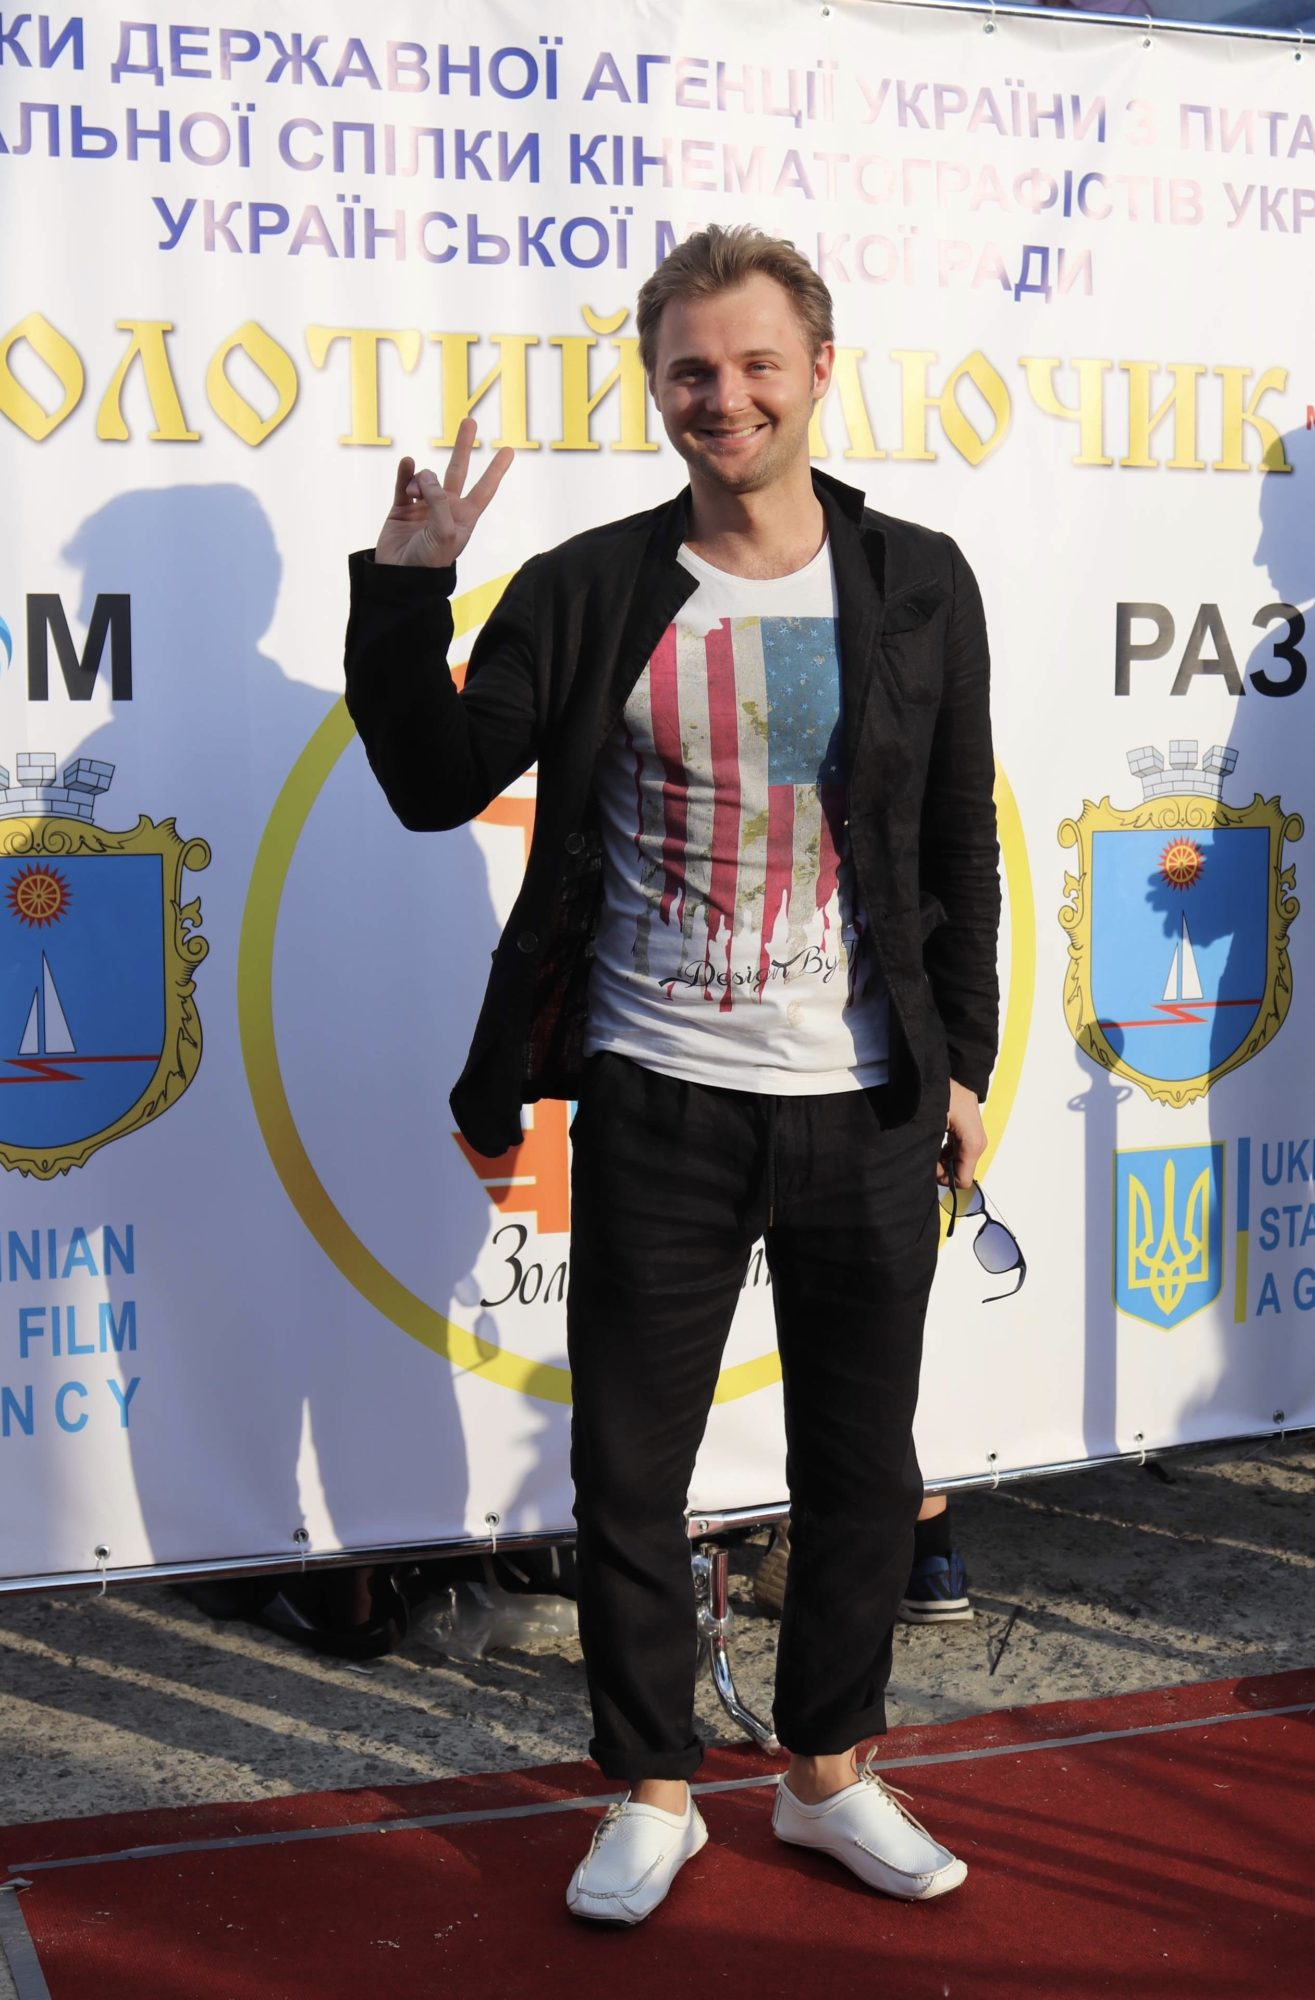 В Українці стартував міжнародний фестиваль «Золотий ключик» -  - EAE76A42 667A 4FF1 8131 FEBD71B9D008 1315x2000